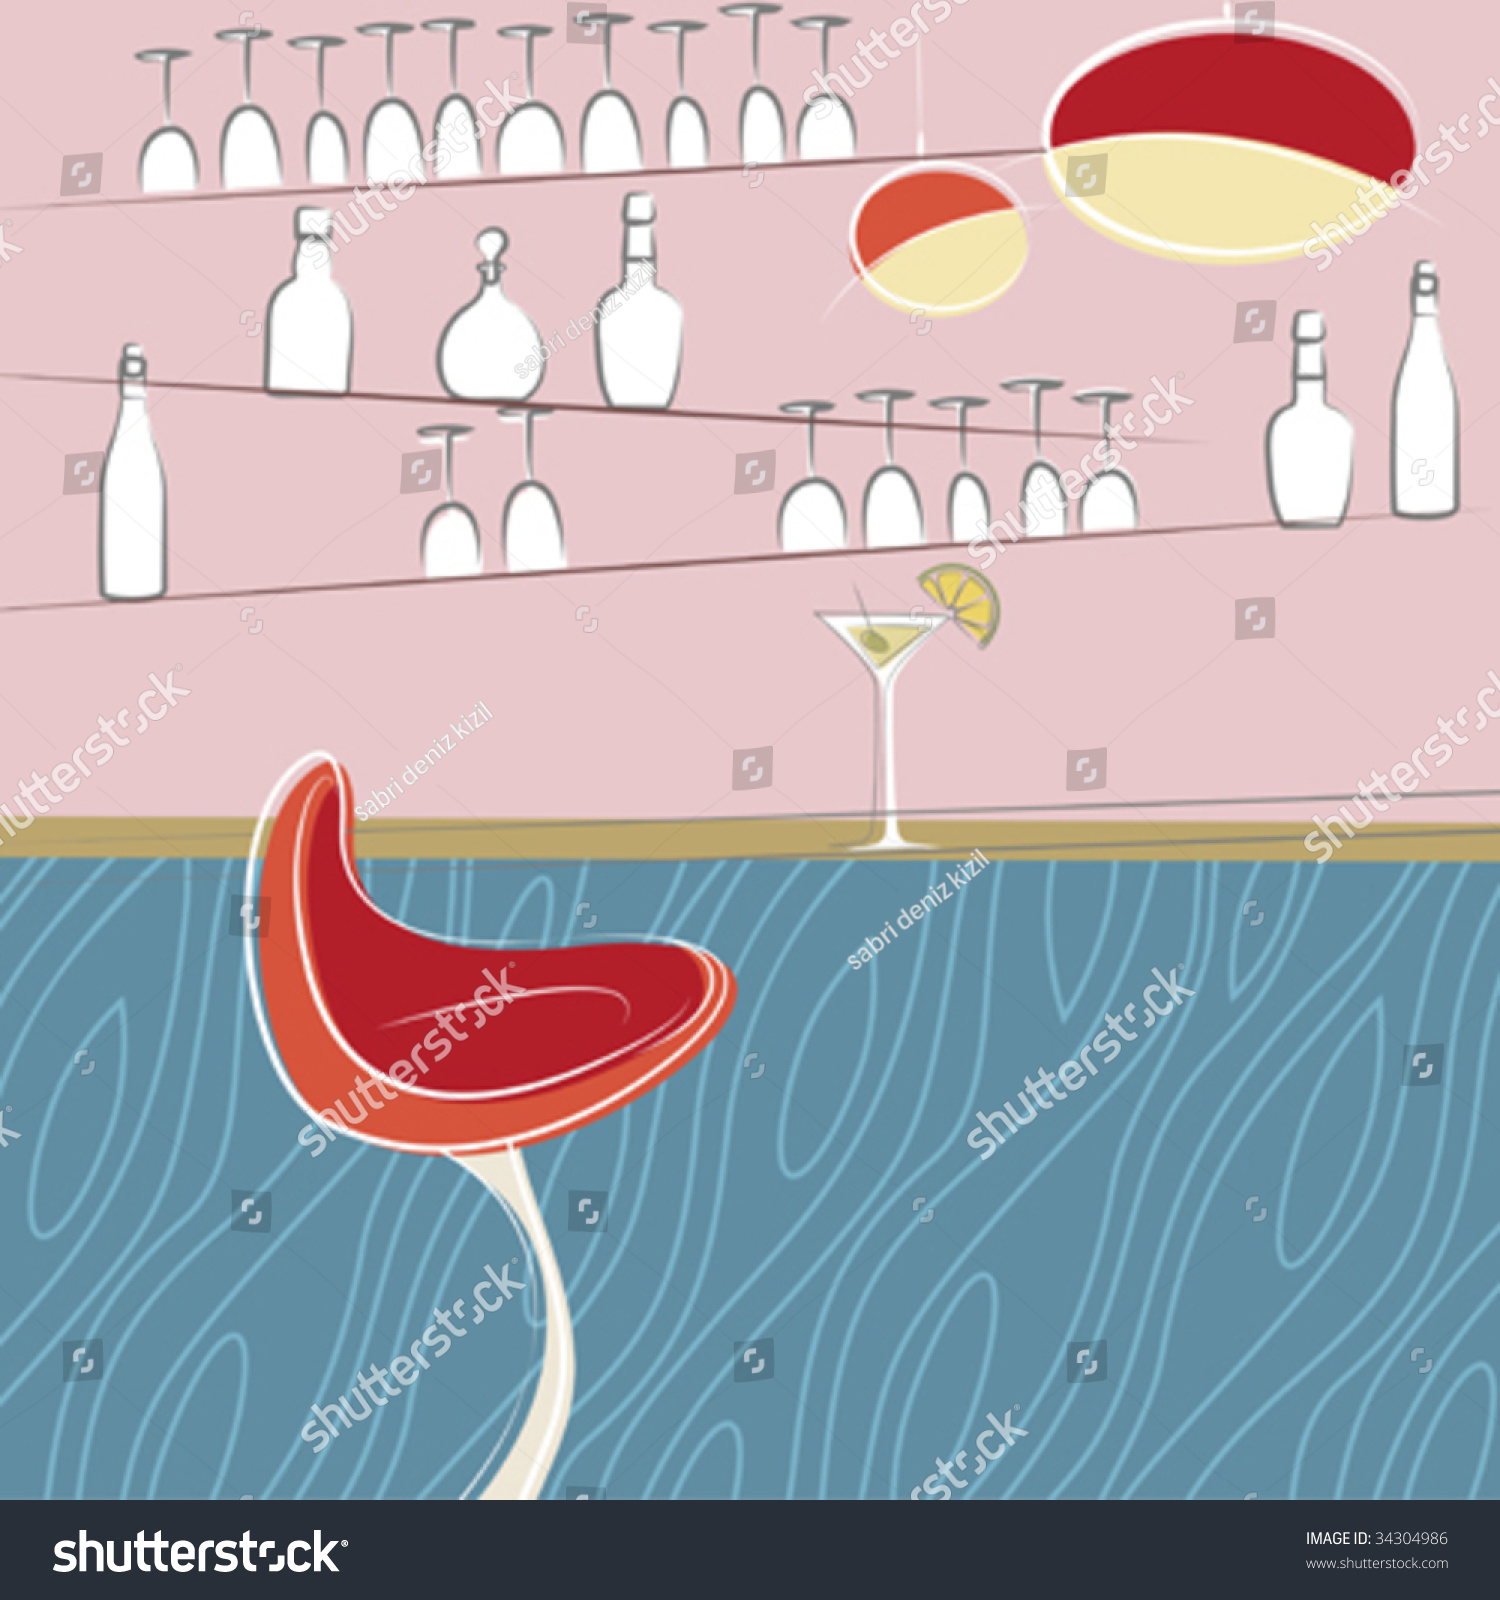 Drinking Bar Design Stock Vector Illustration 34304986